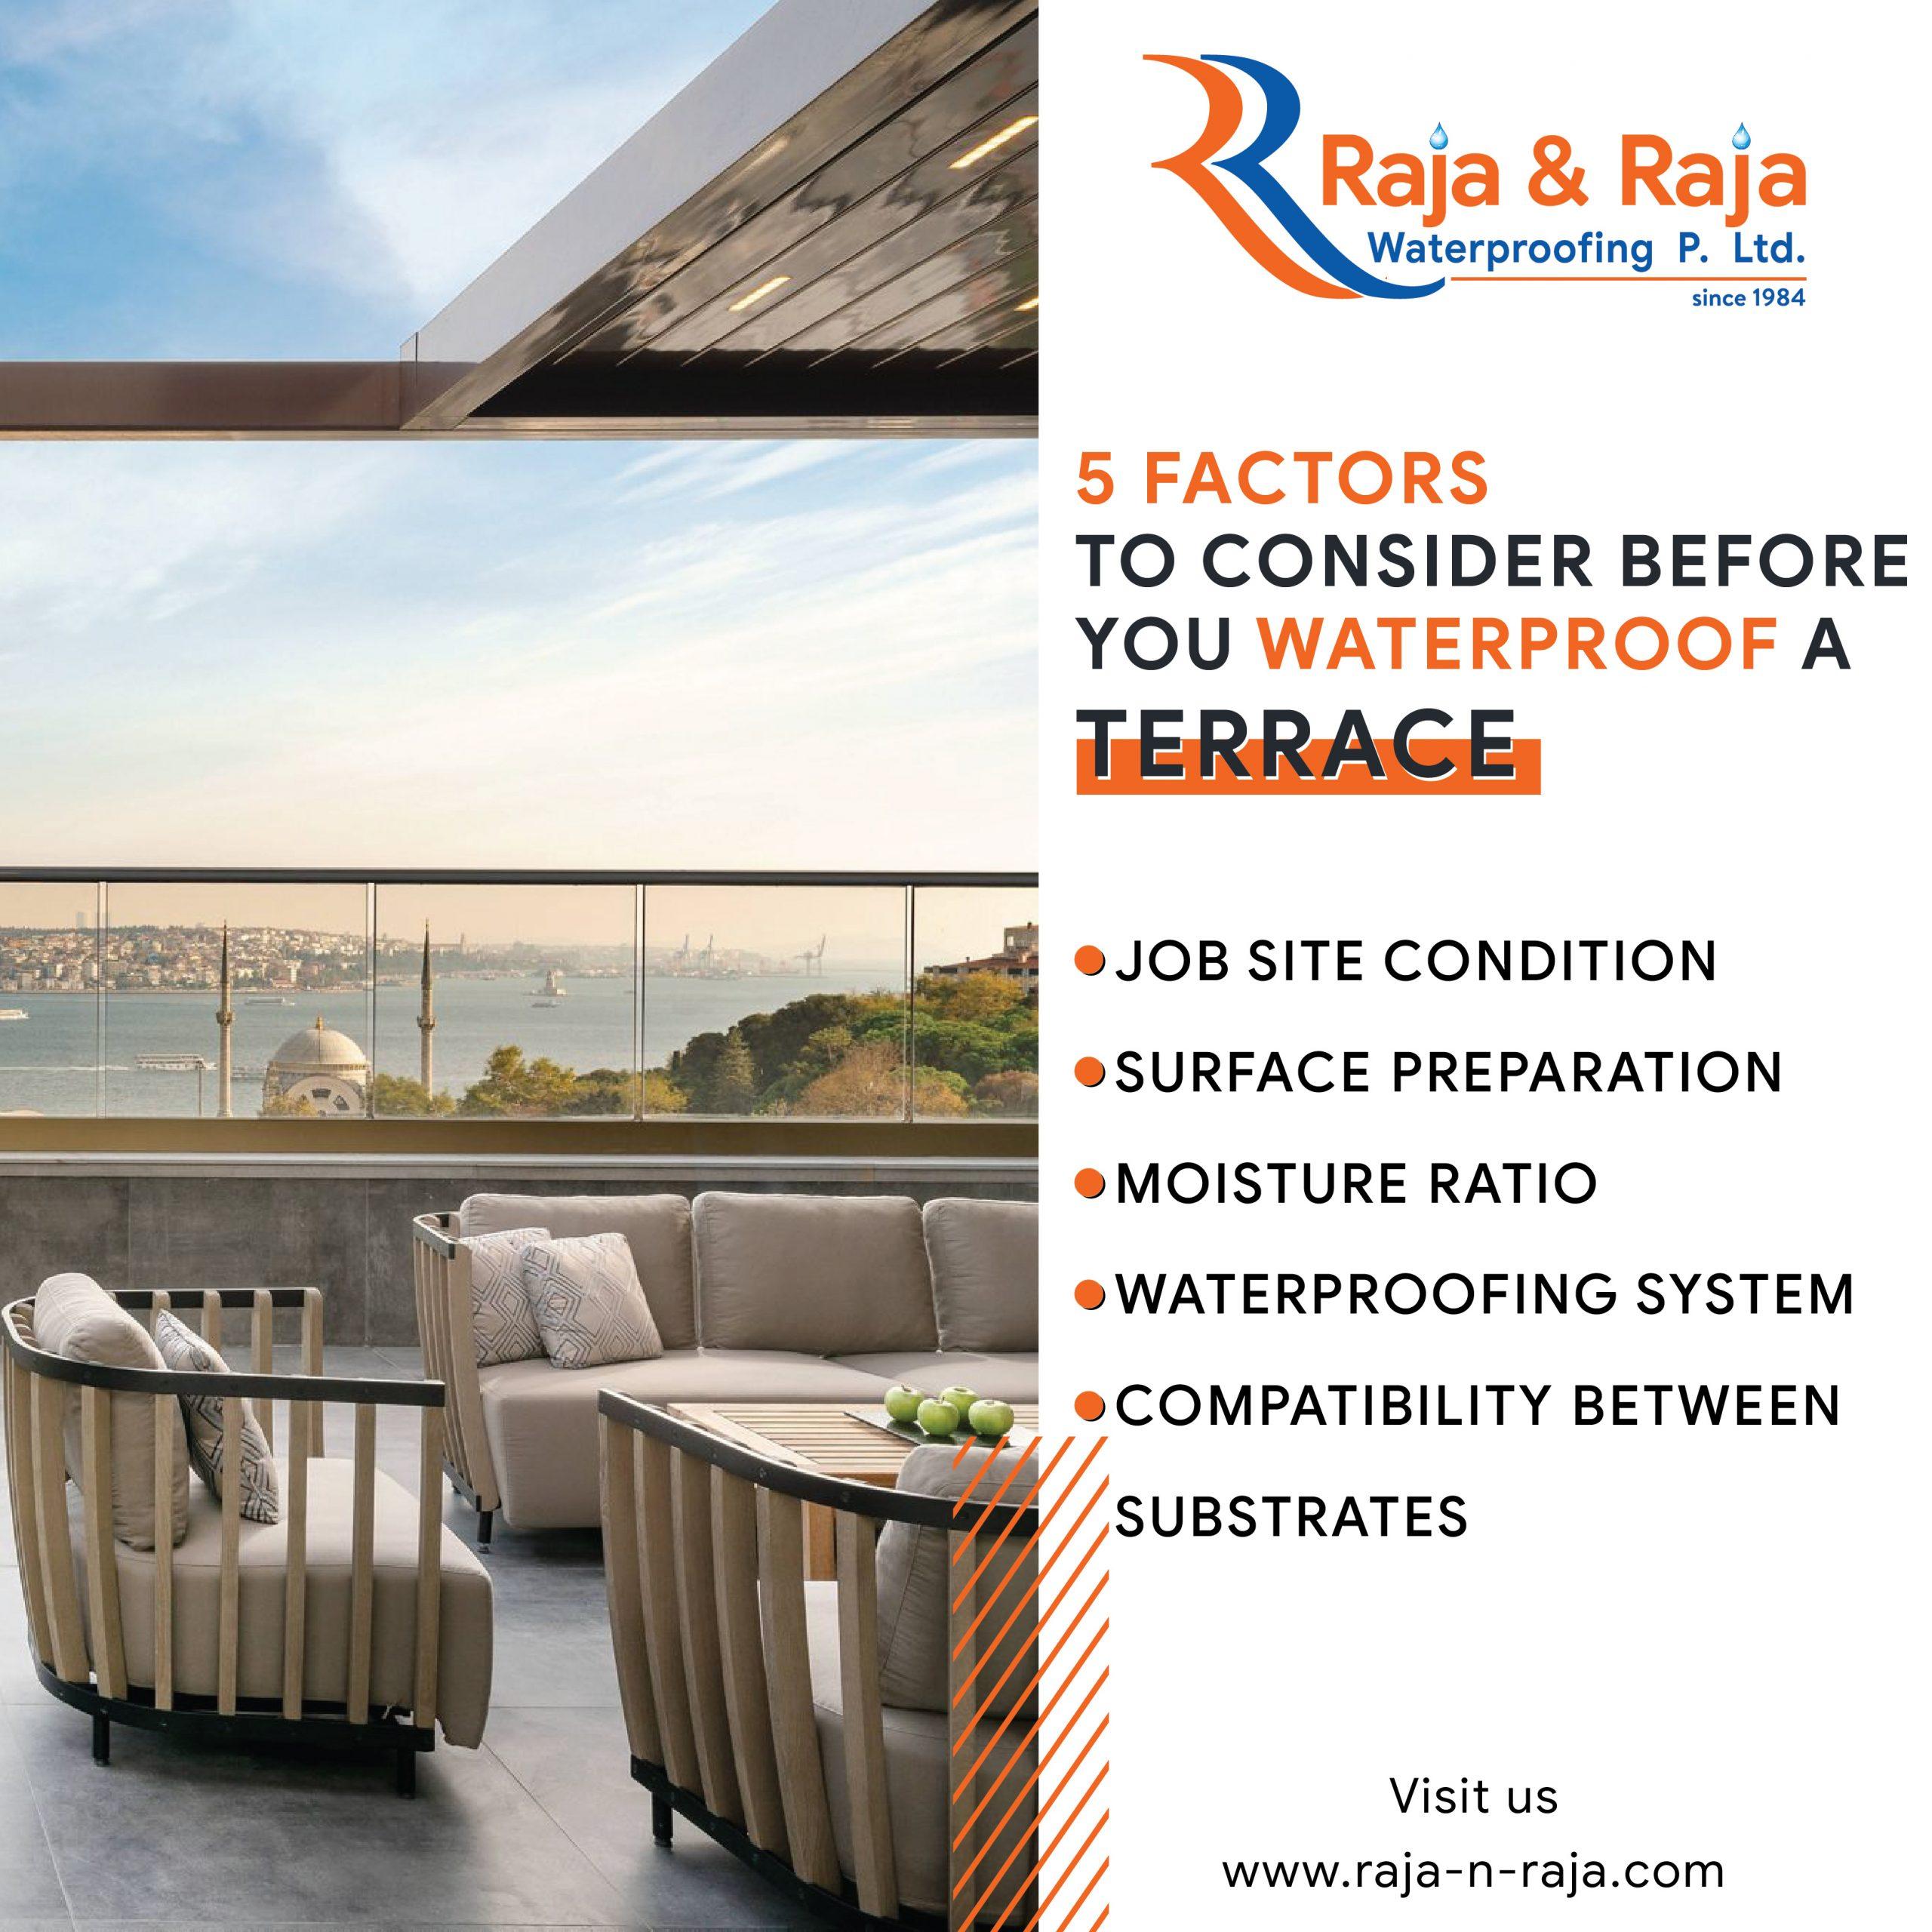 5-Factors-for-Waterproofing-Terrace